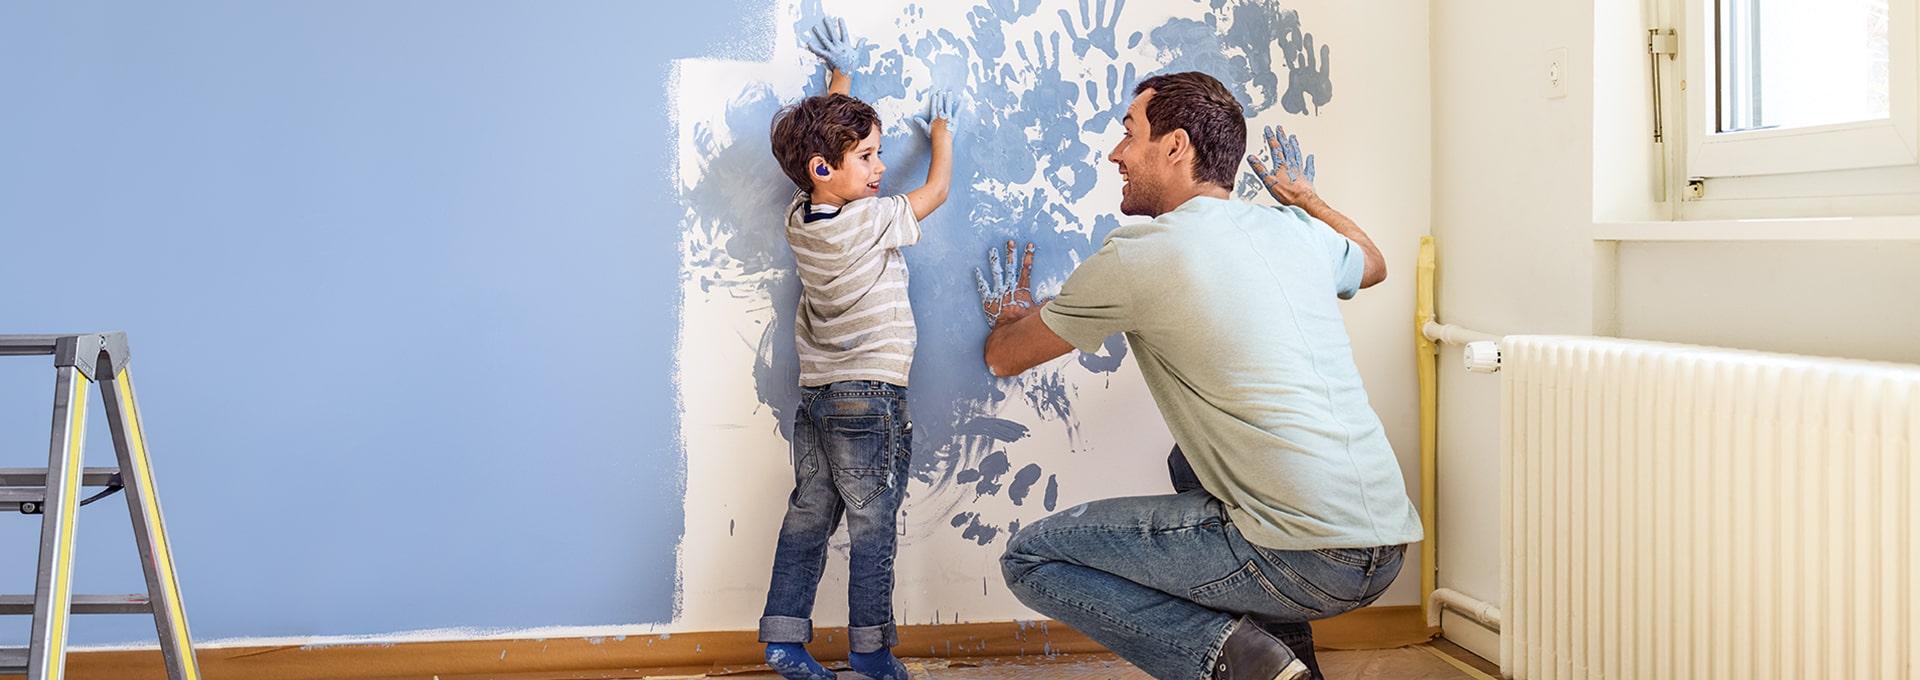 Bernafon Leox Super Power  | Ultra Power işitme cihazı kullanan baba ve oğul, duvar boyayıp ve kendiliğinden el izleri ekliyor.